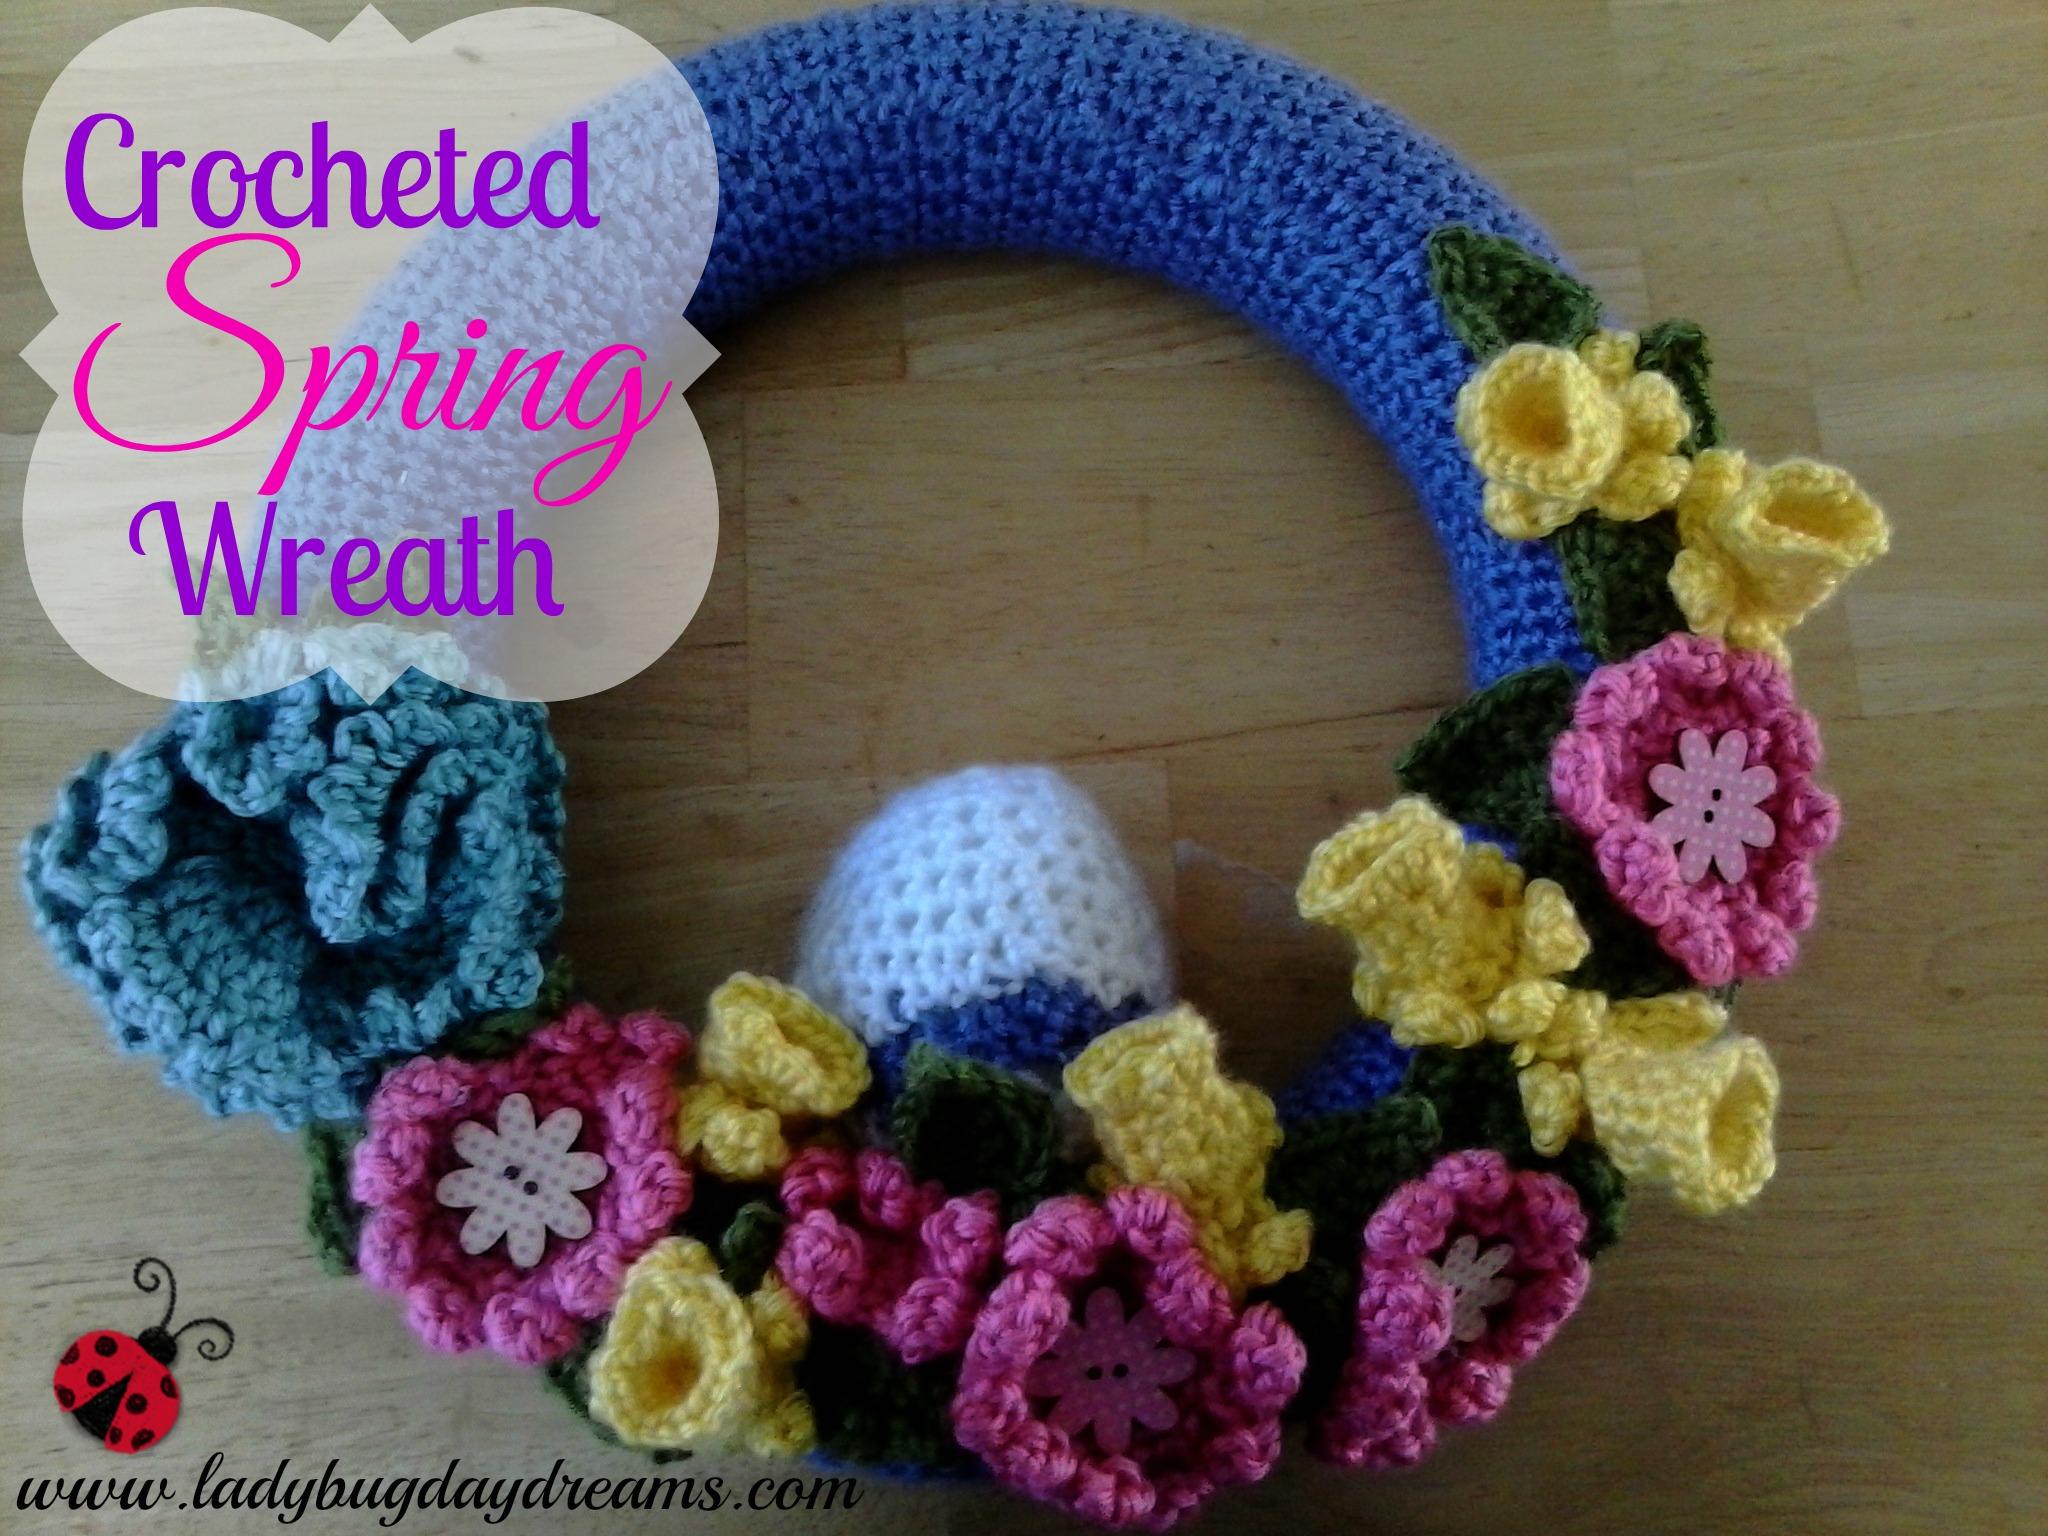 Crocheted Spring Wreath | Ladybug Daydreams